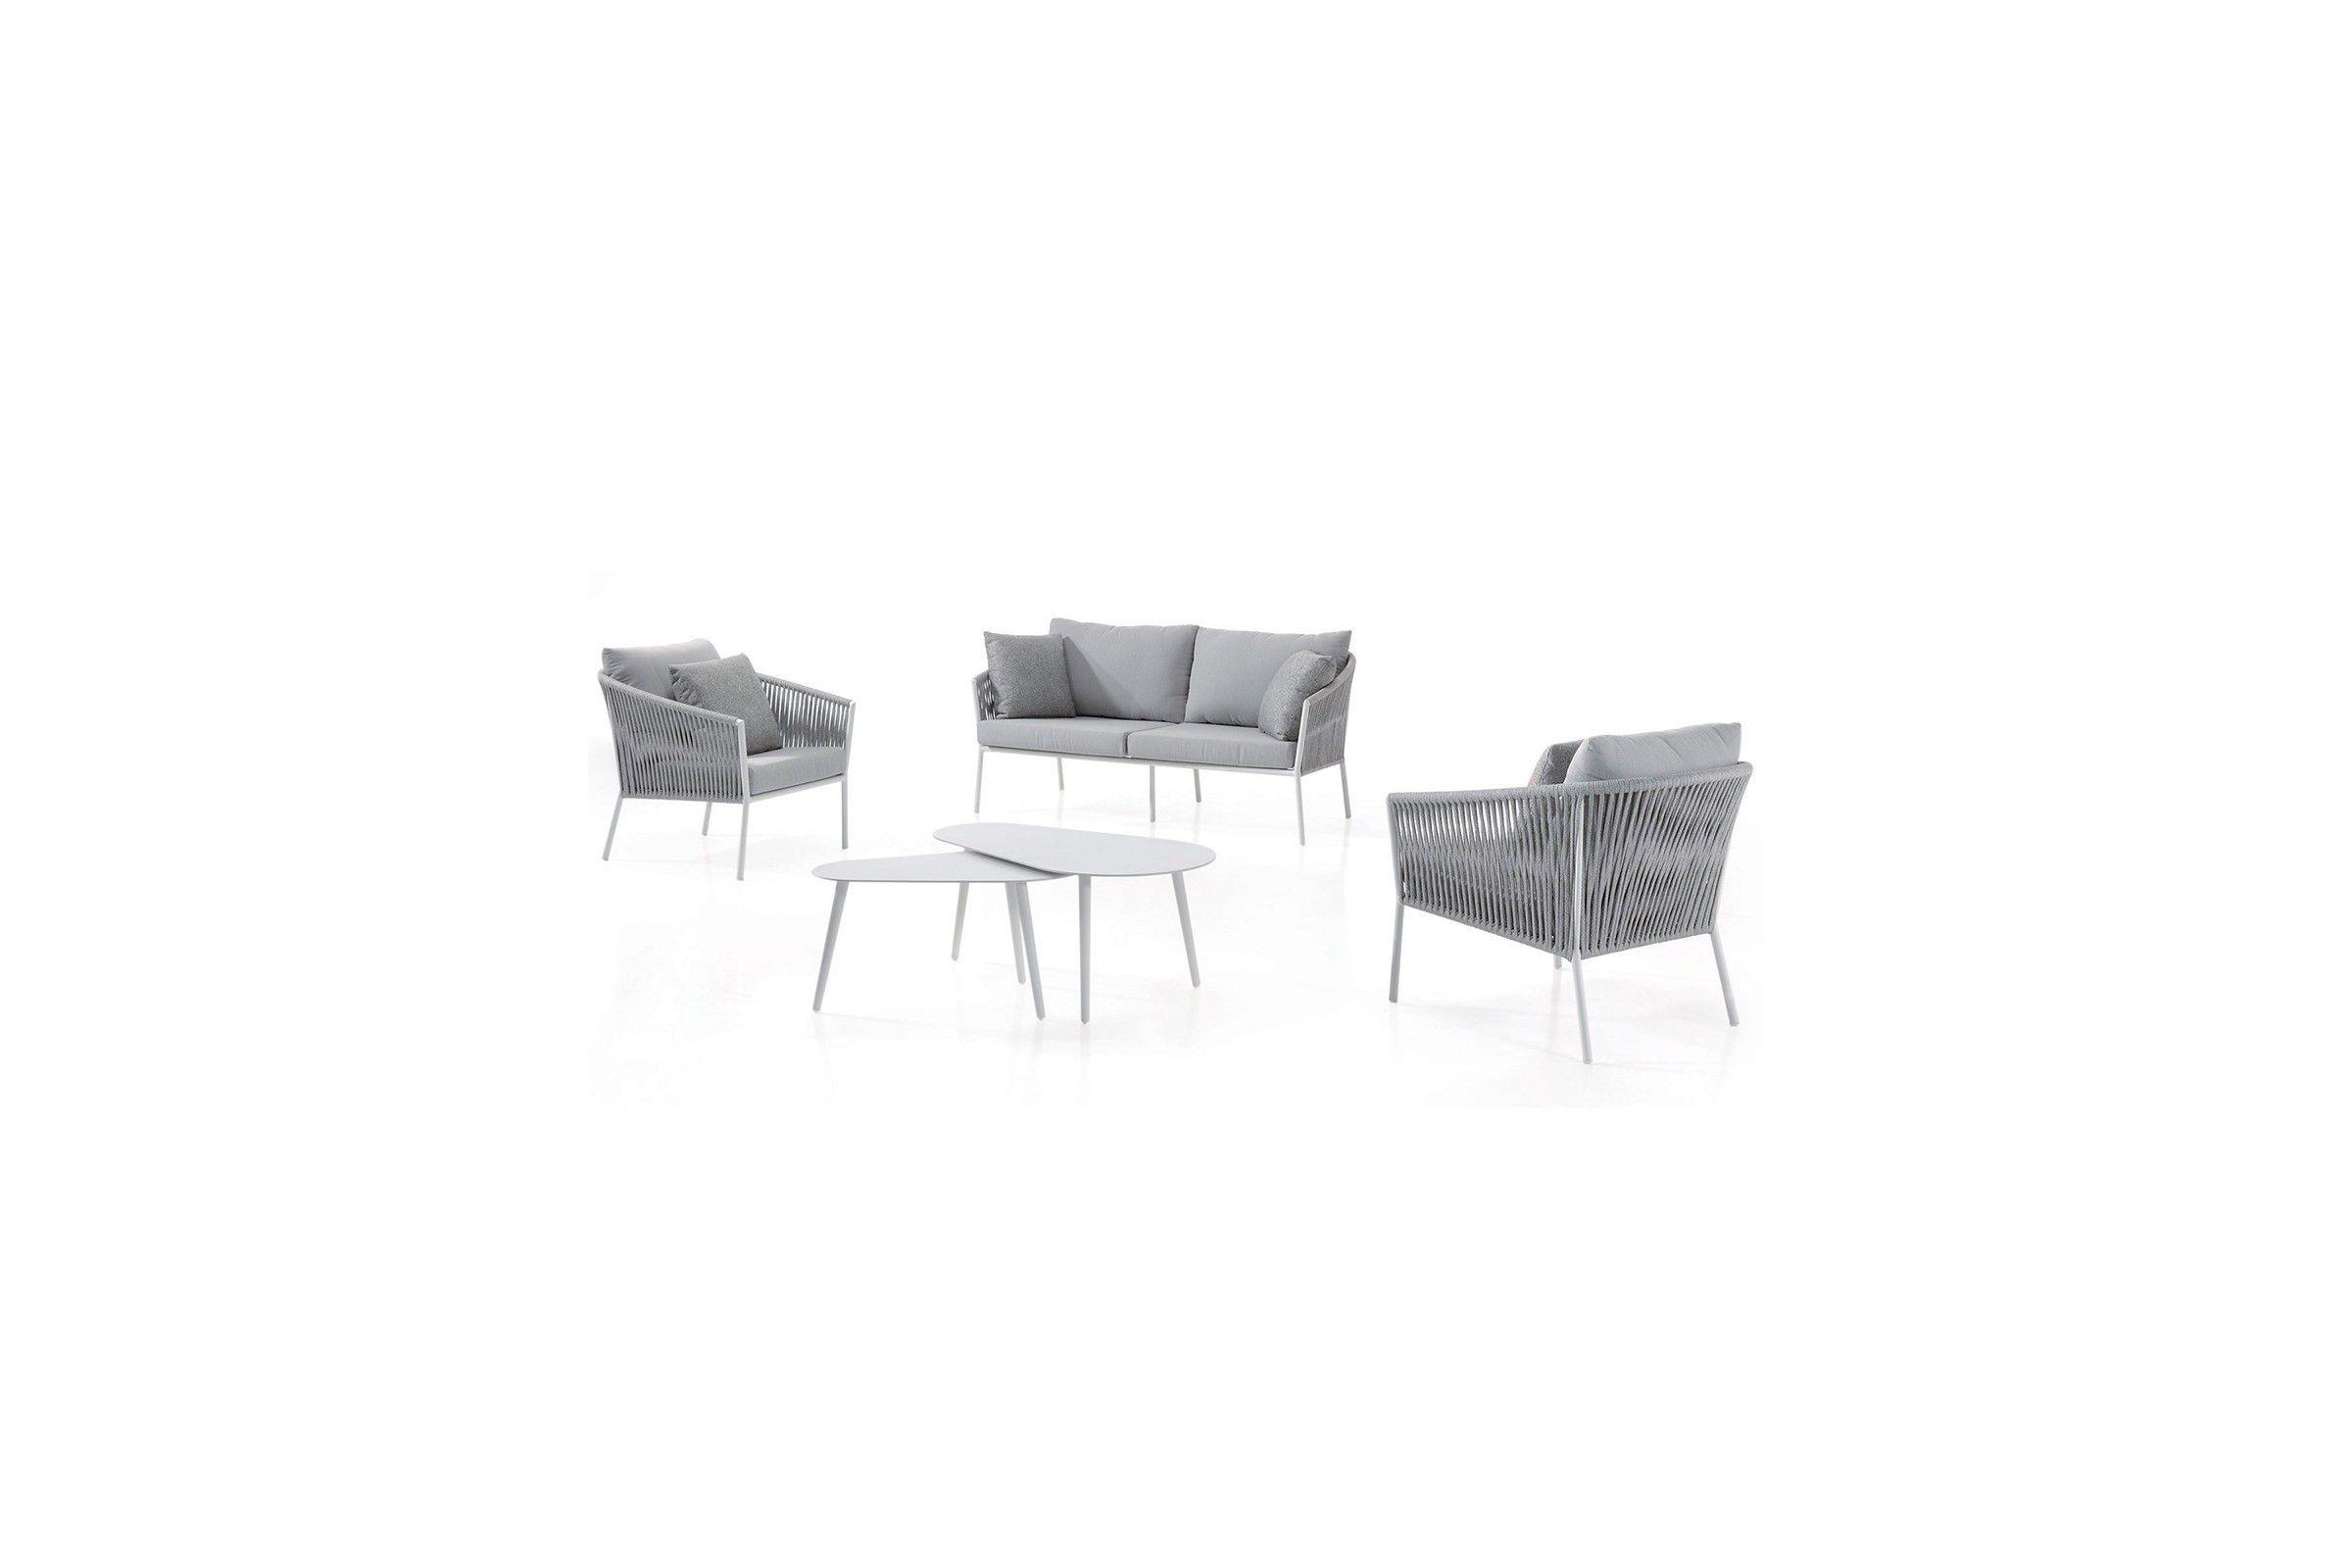 Salon de jardin design avec canapés, fauteuils, coussins et ...